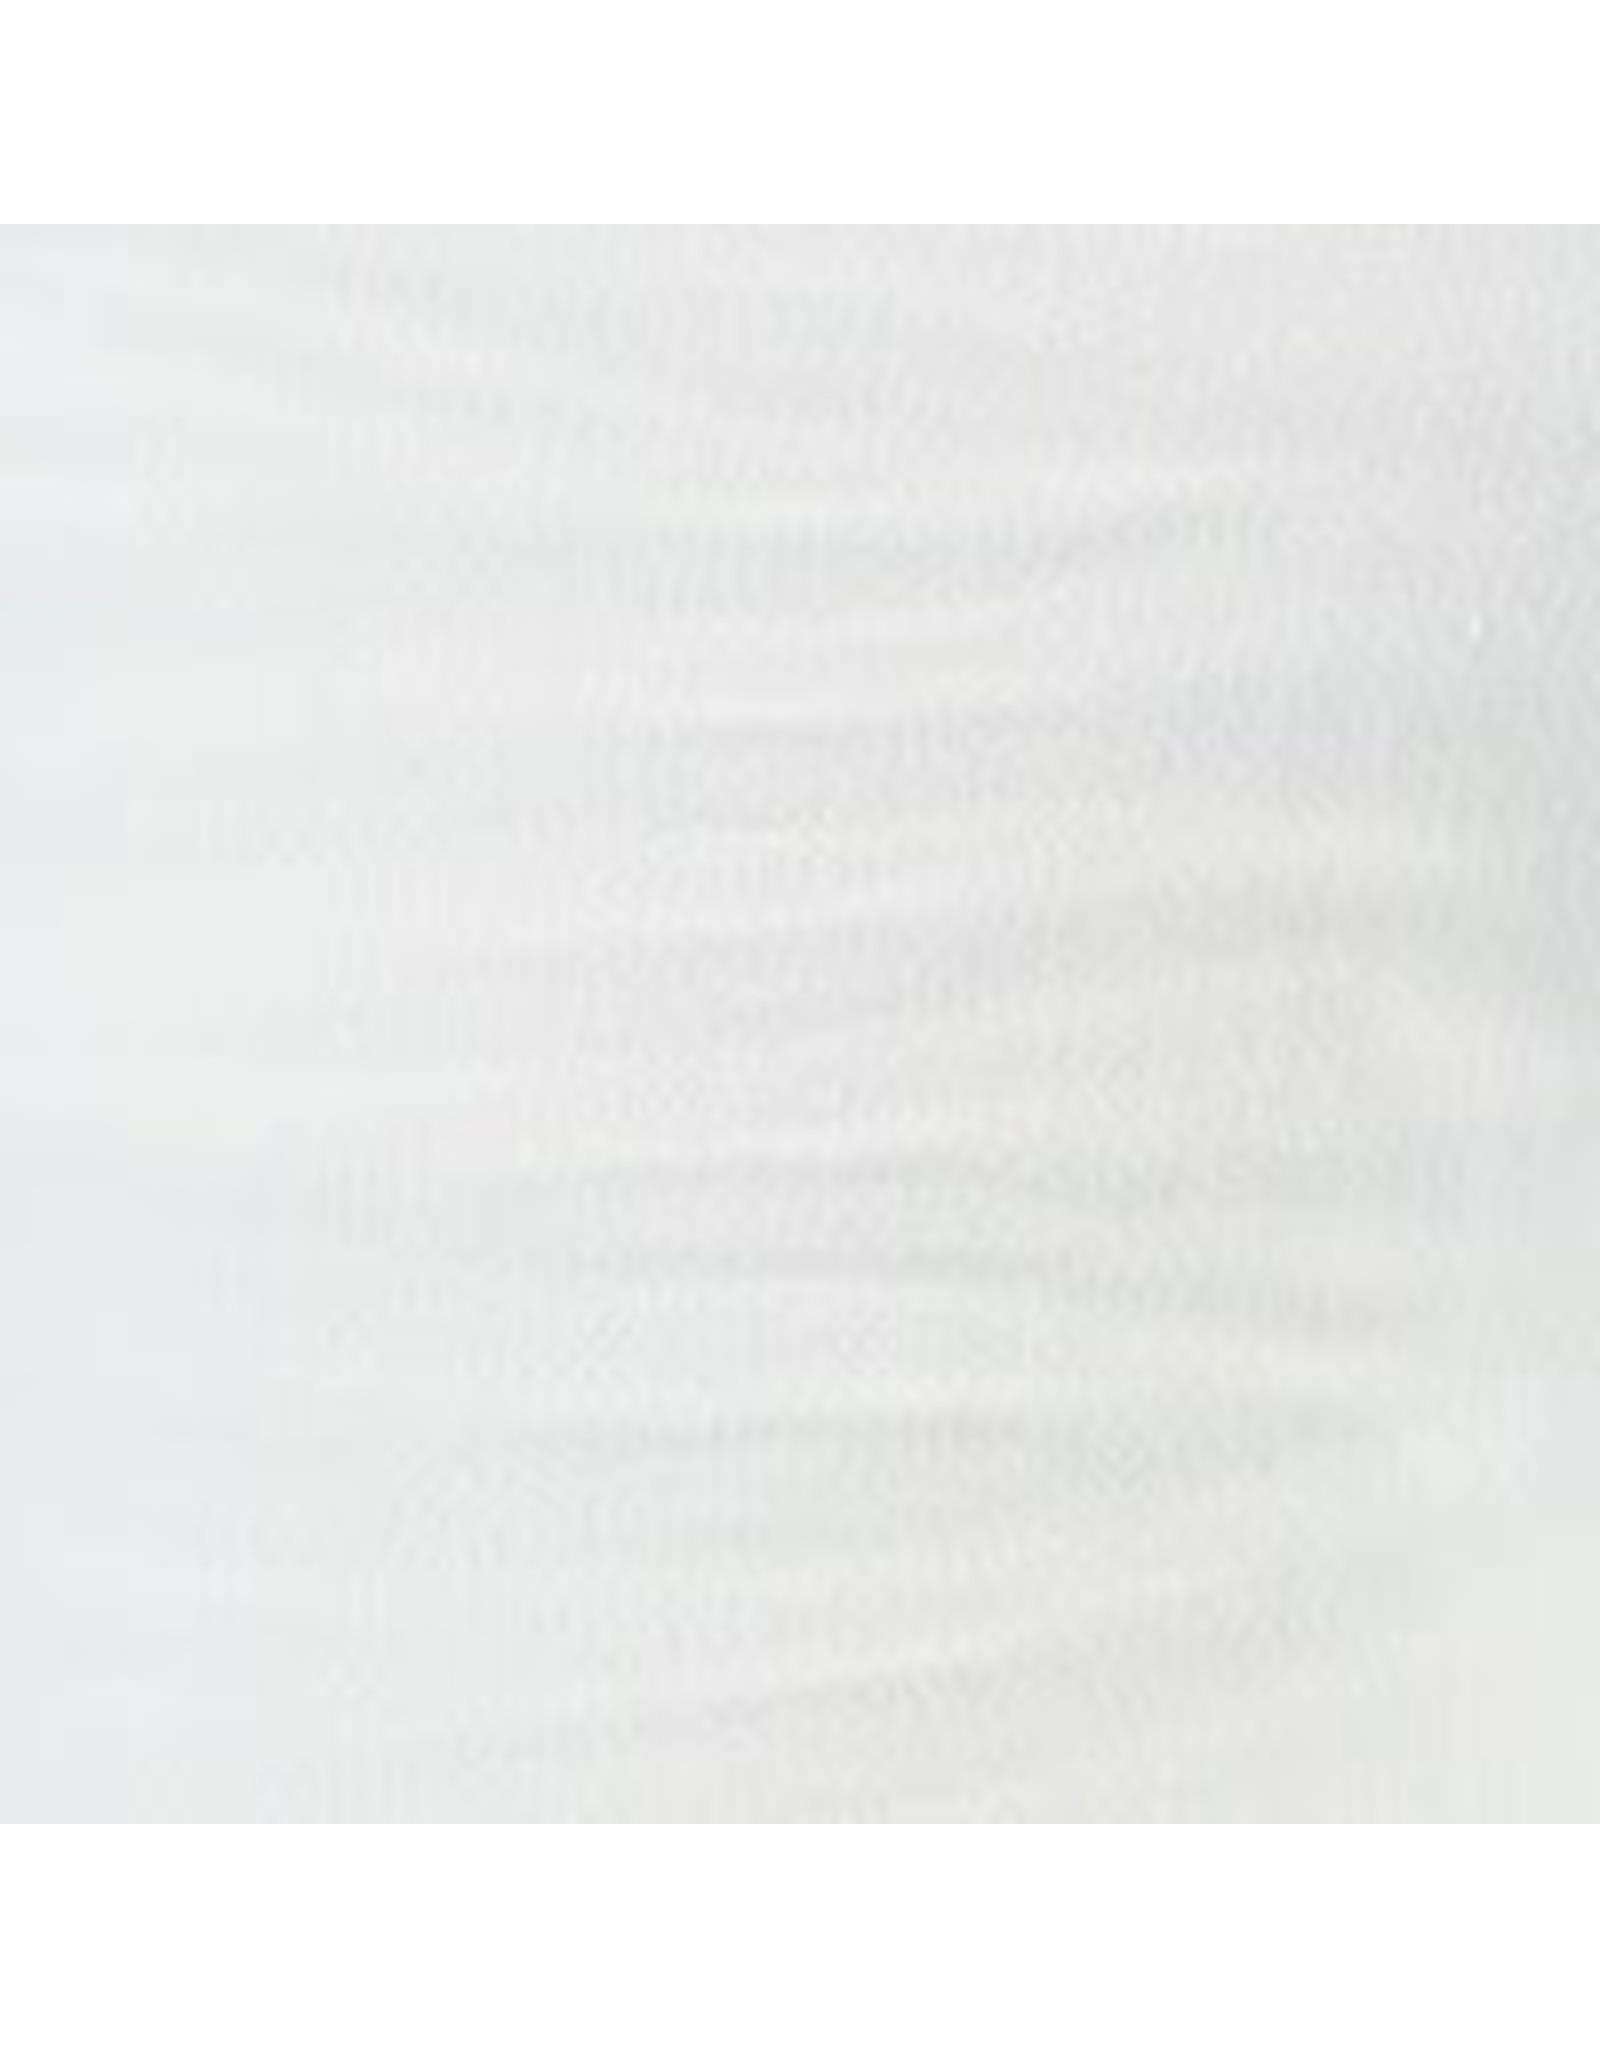 Para Mi SS201.005020 Color Denim Ivy (Fringe)